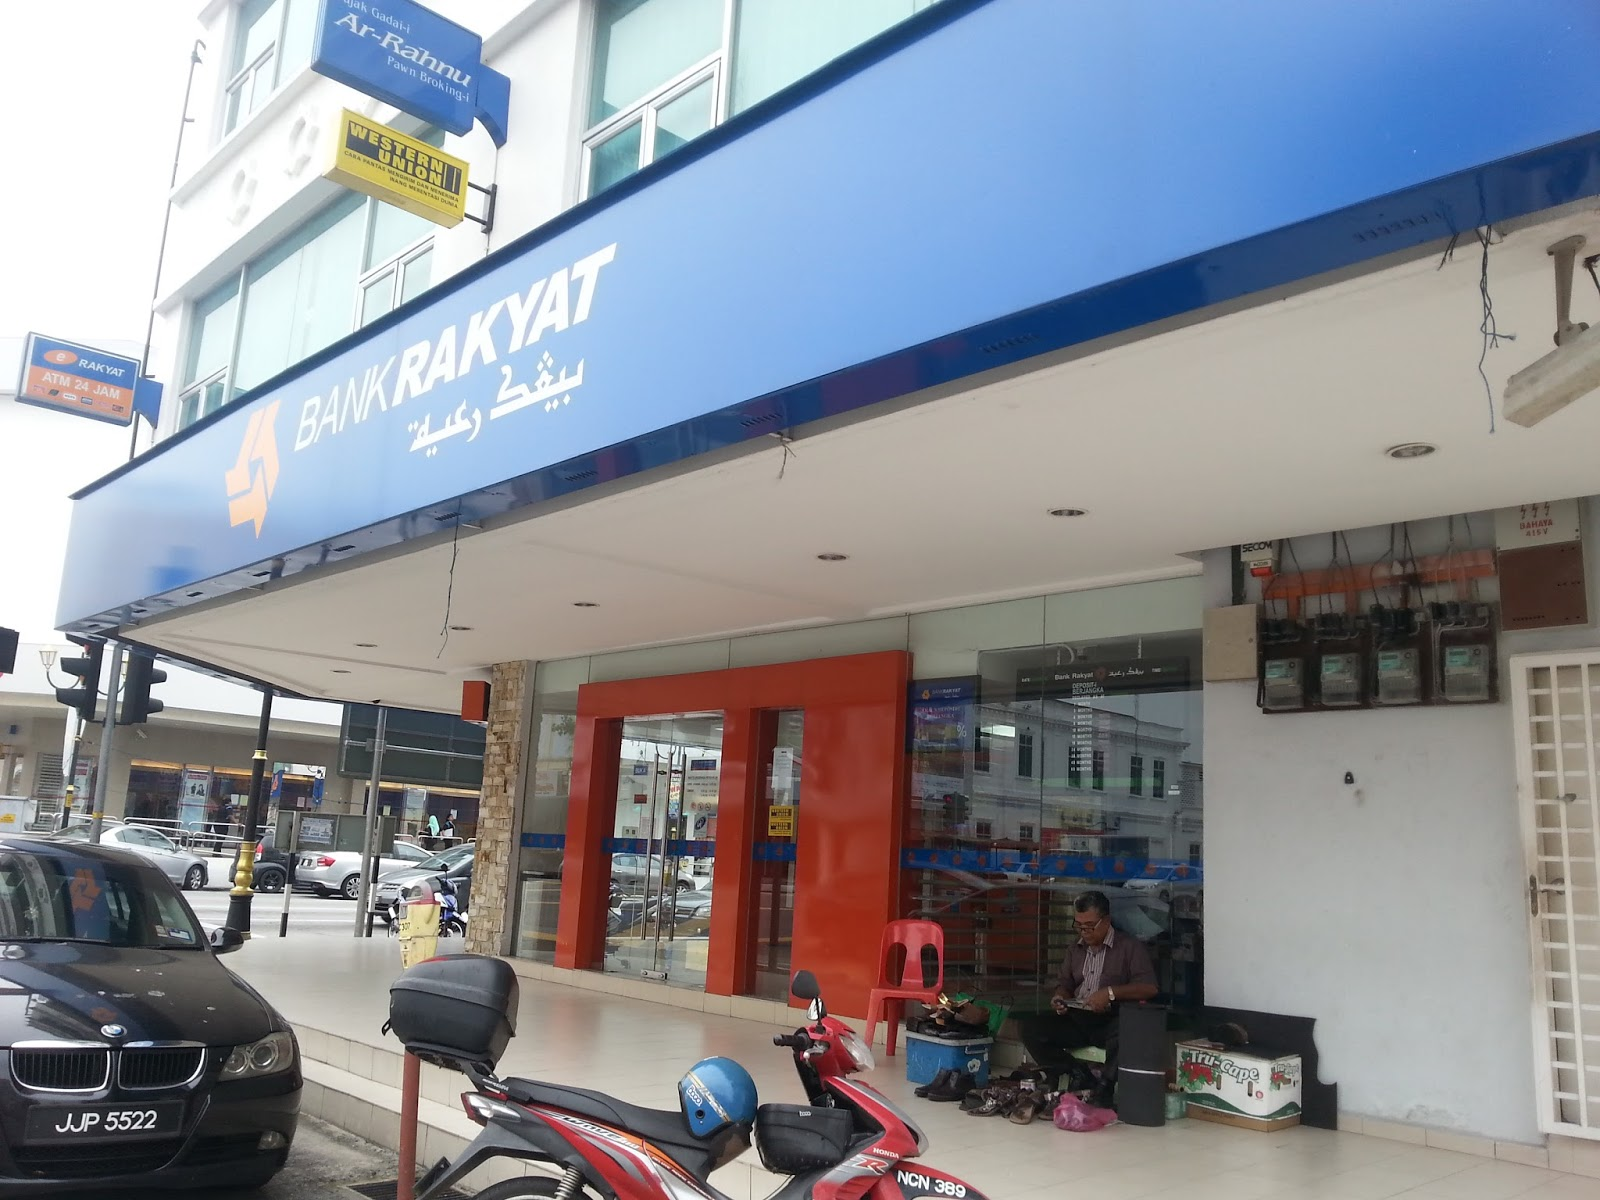 CARA MEMOHON LATIHAN INDUSTRI DI BANK RAKYAT